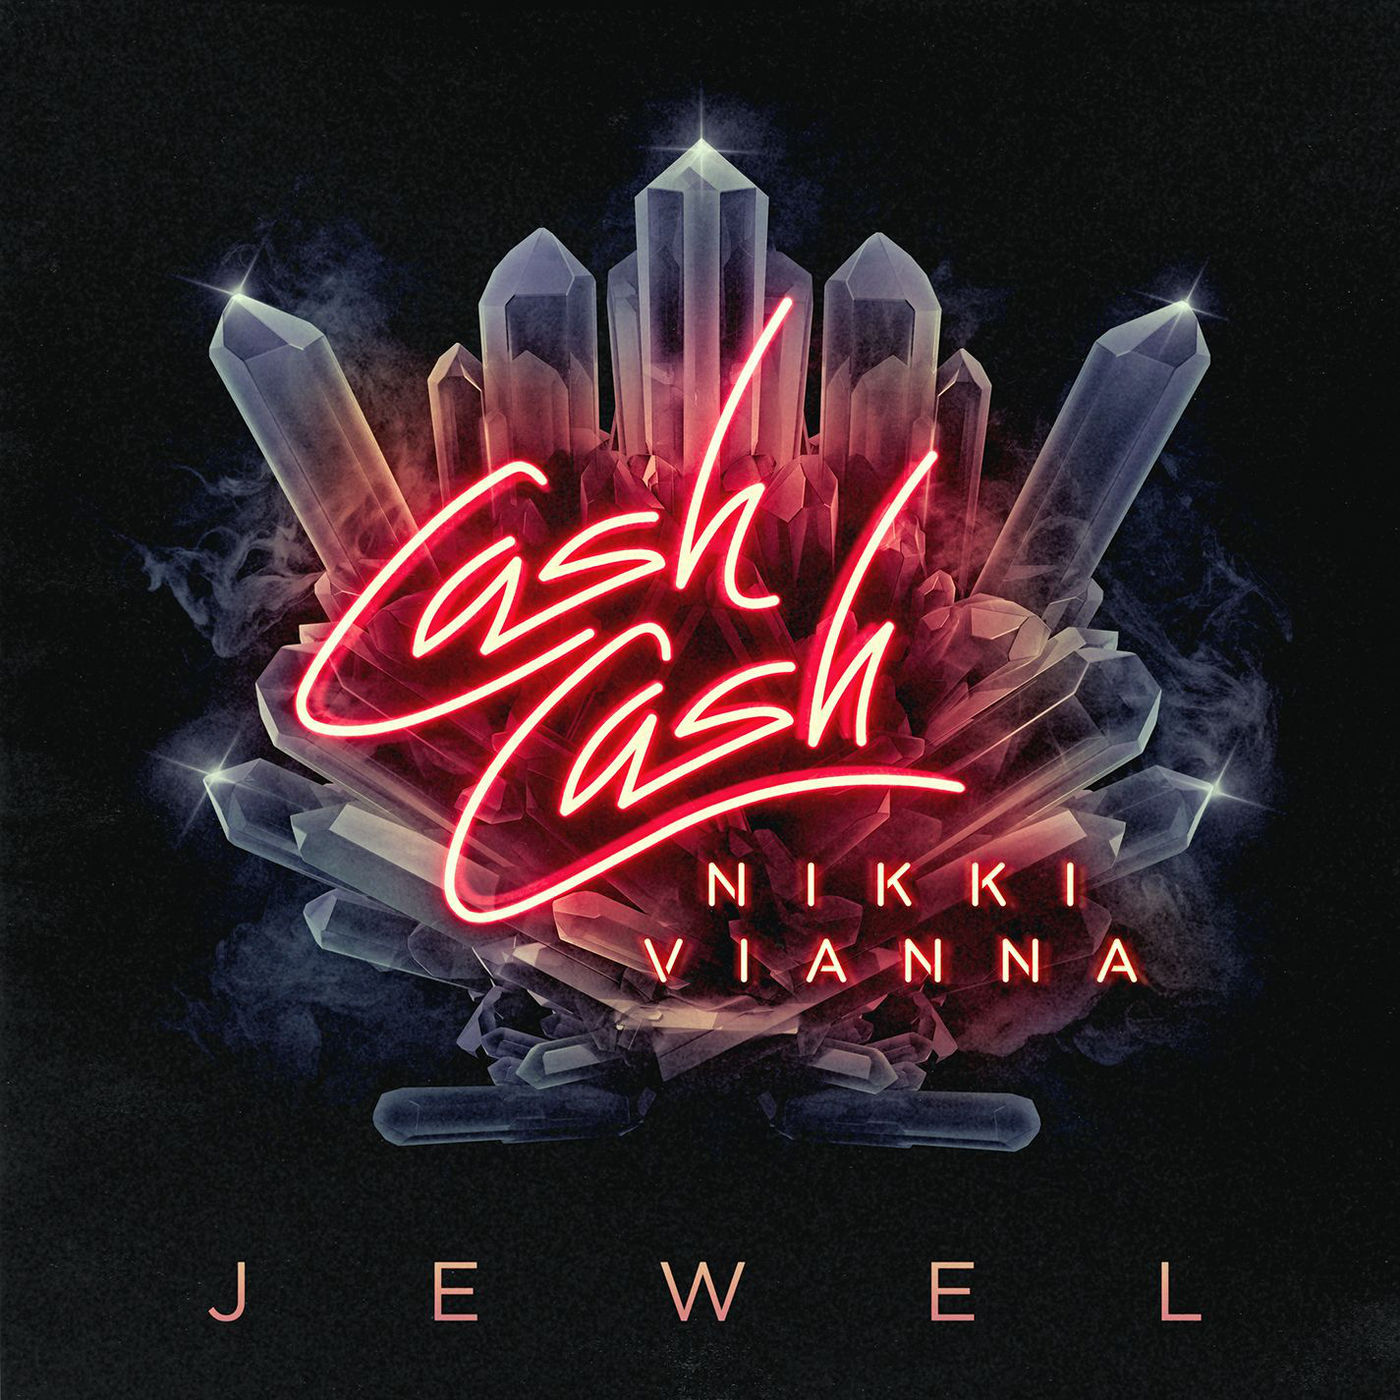 Cash Cash - Jewel (feat. Nikki Vianna) - Single Cover